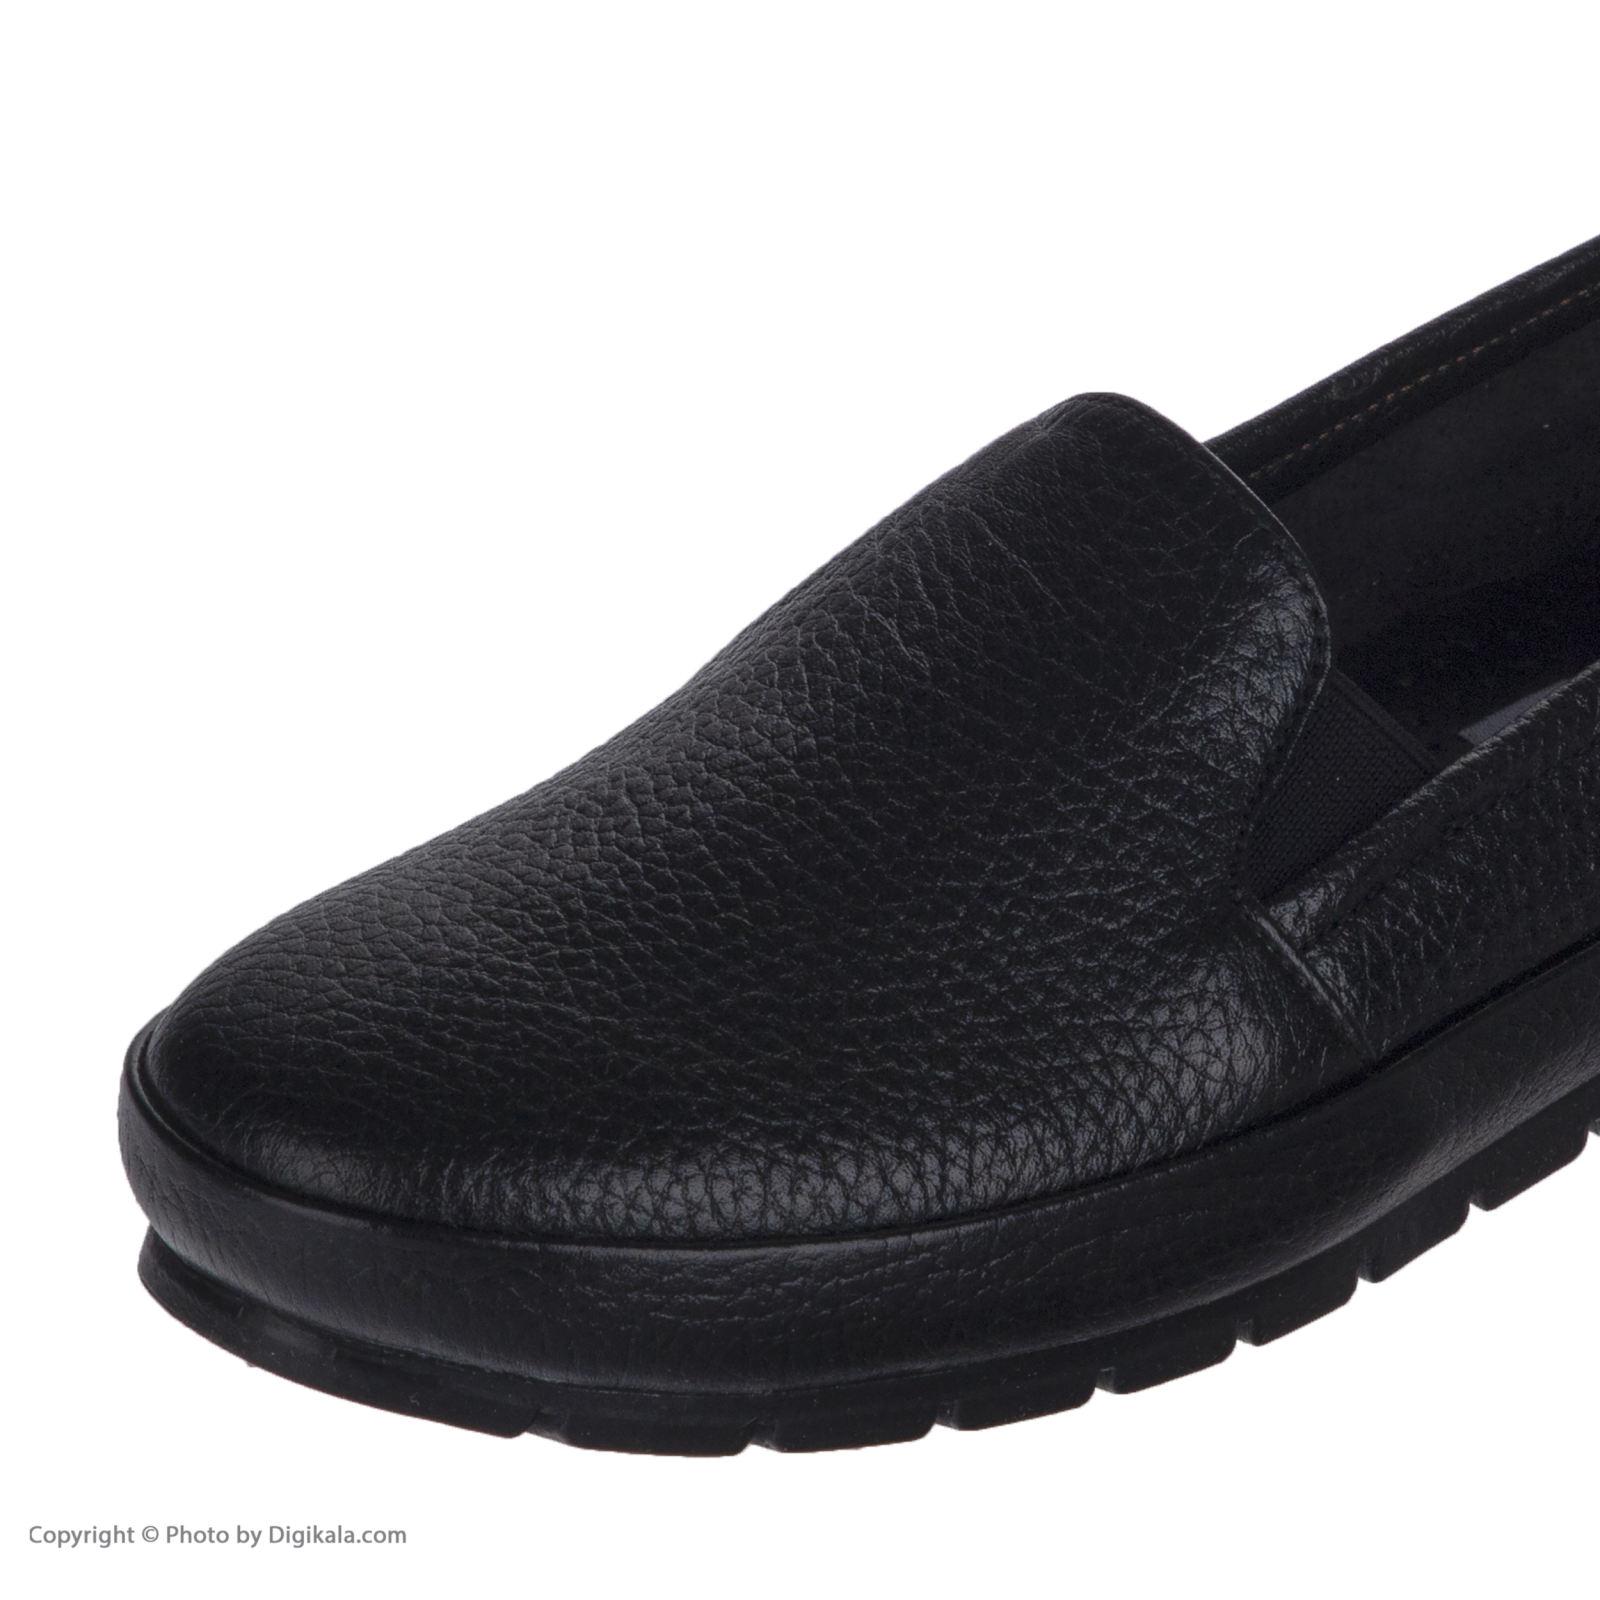 کفش روزمره زنانه بلوط مدل 5313A500101 -  - 8